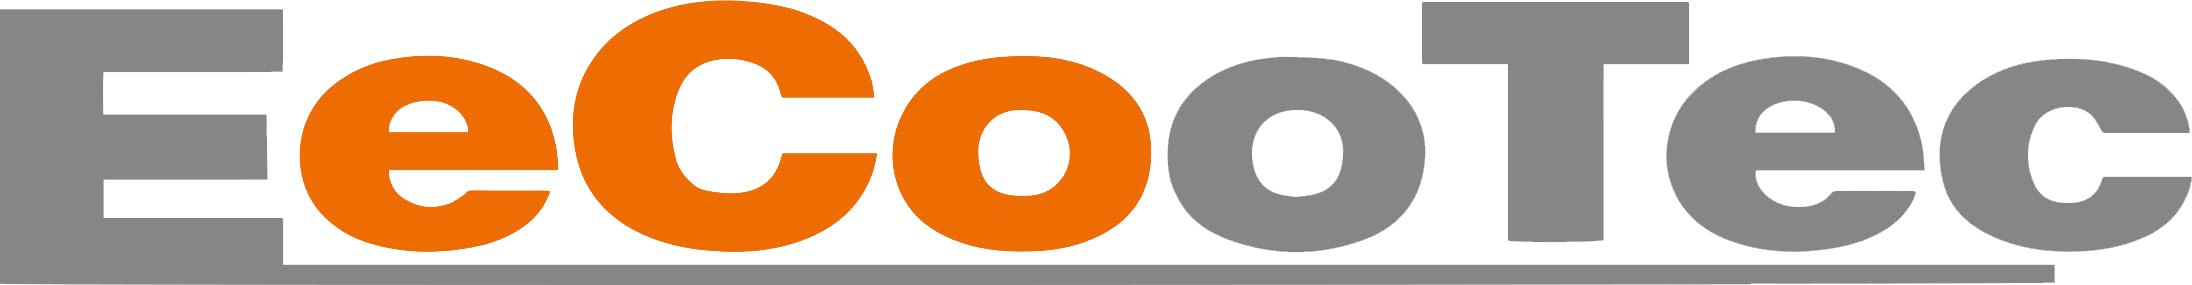 eecootec logo